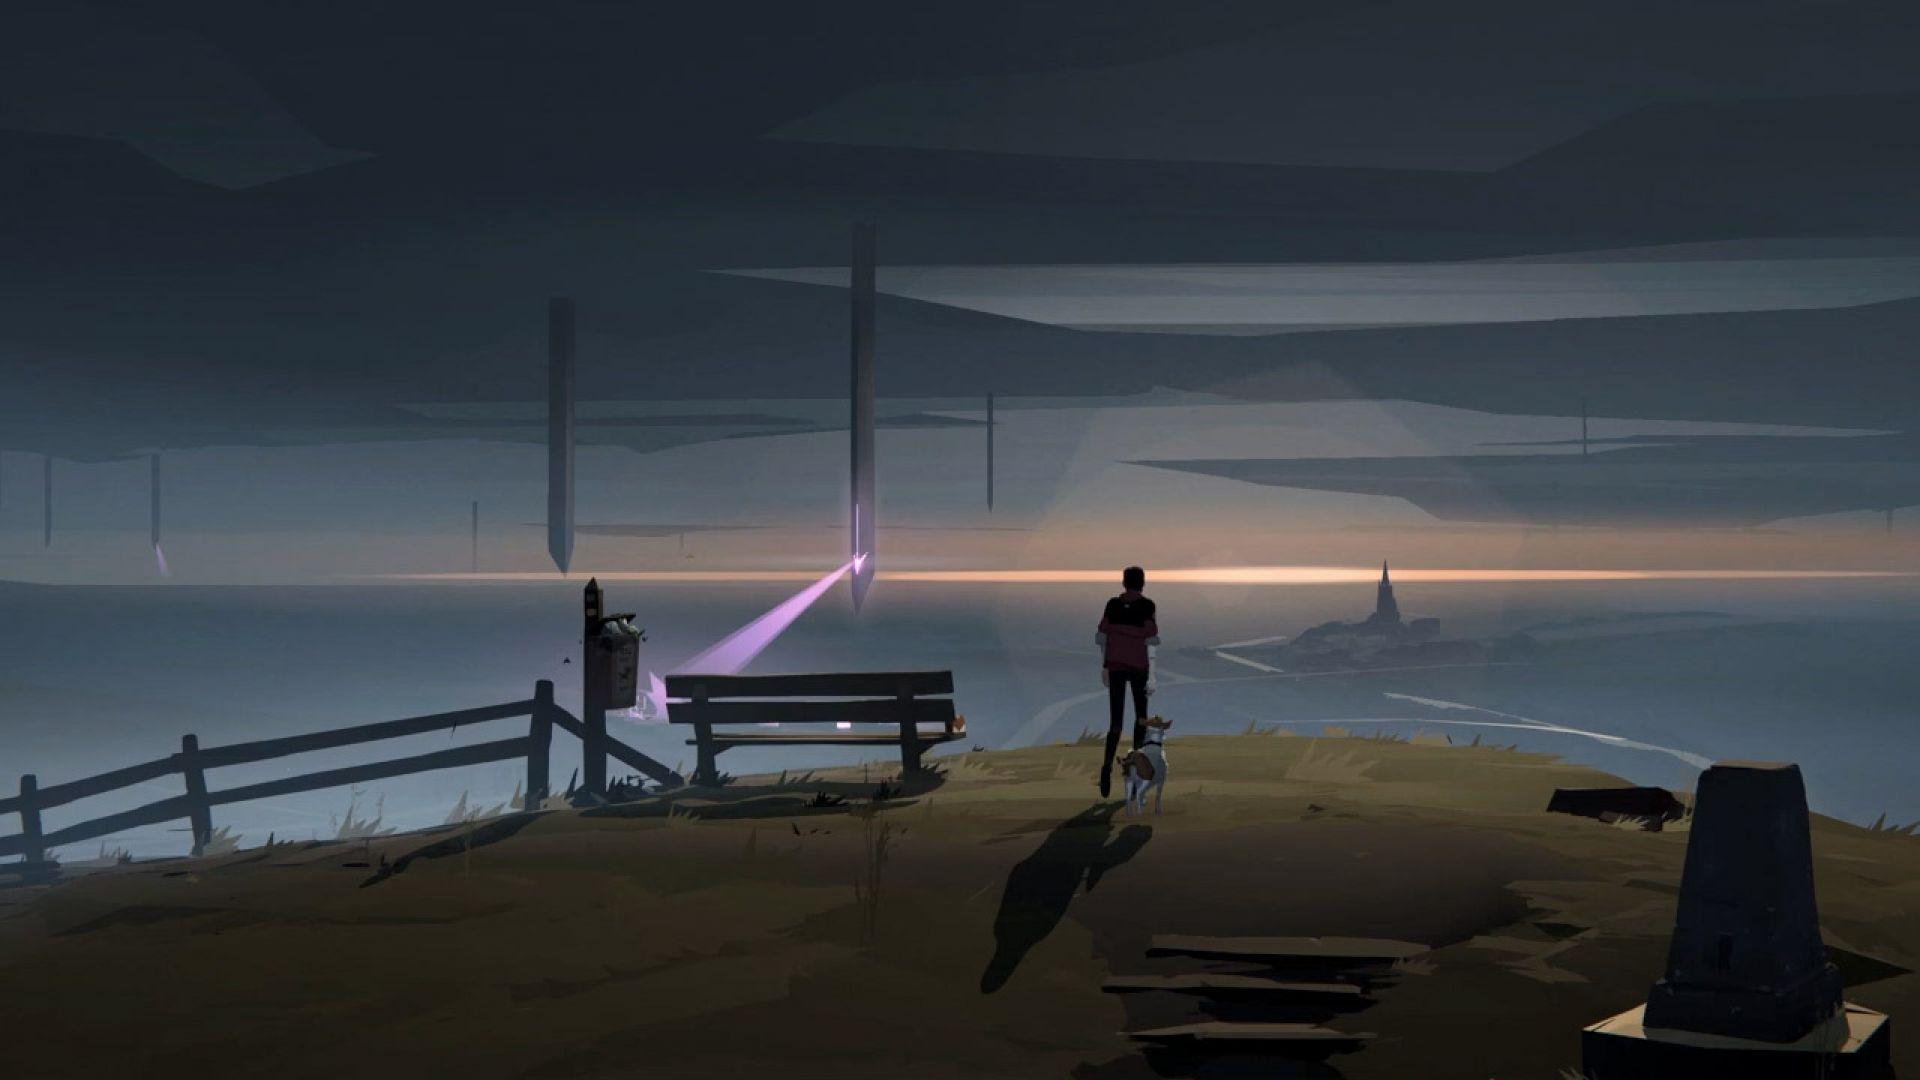 نمایشگاه E3 2021: بازی Somerville اثر جدید سازندگان بازی Limbo معرفی شد